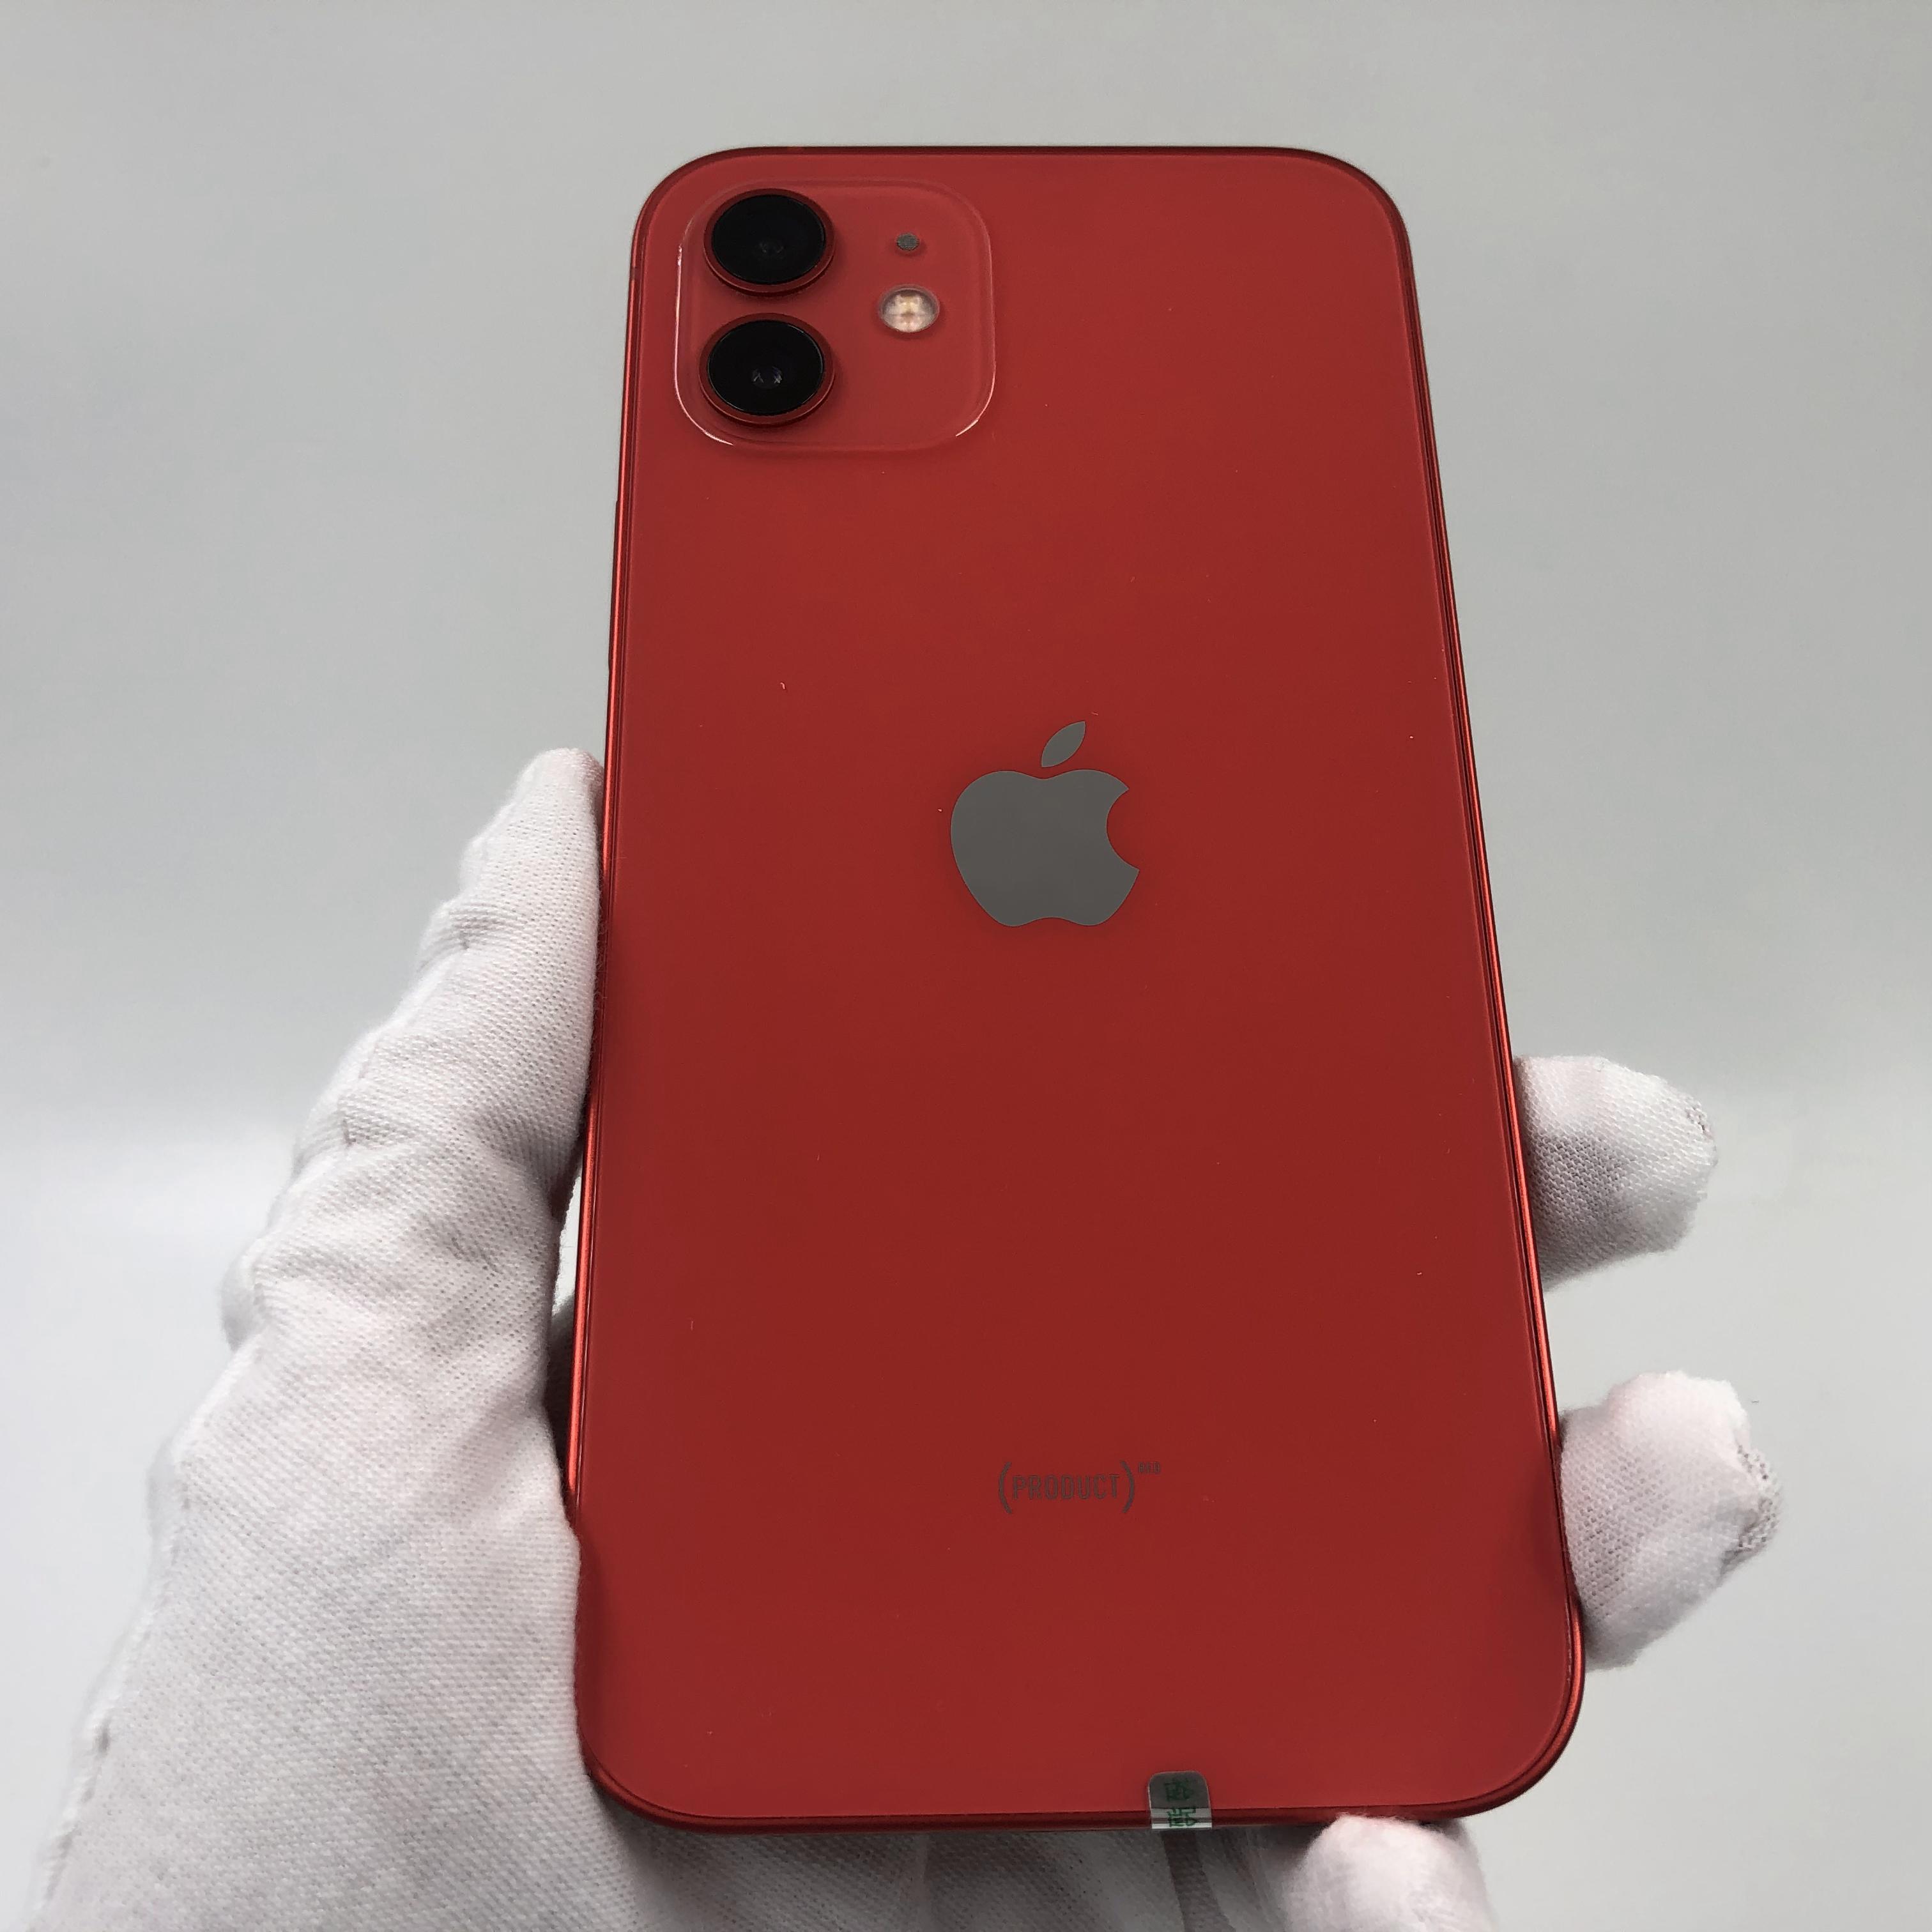 苹果【iPhone 12】5G全网通 红色 128G 国行 95新 真机实拍